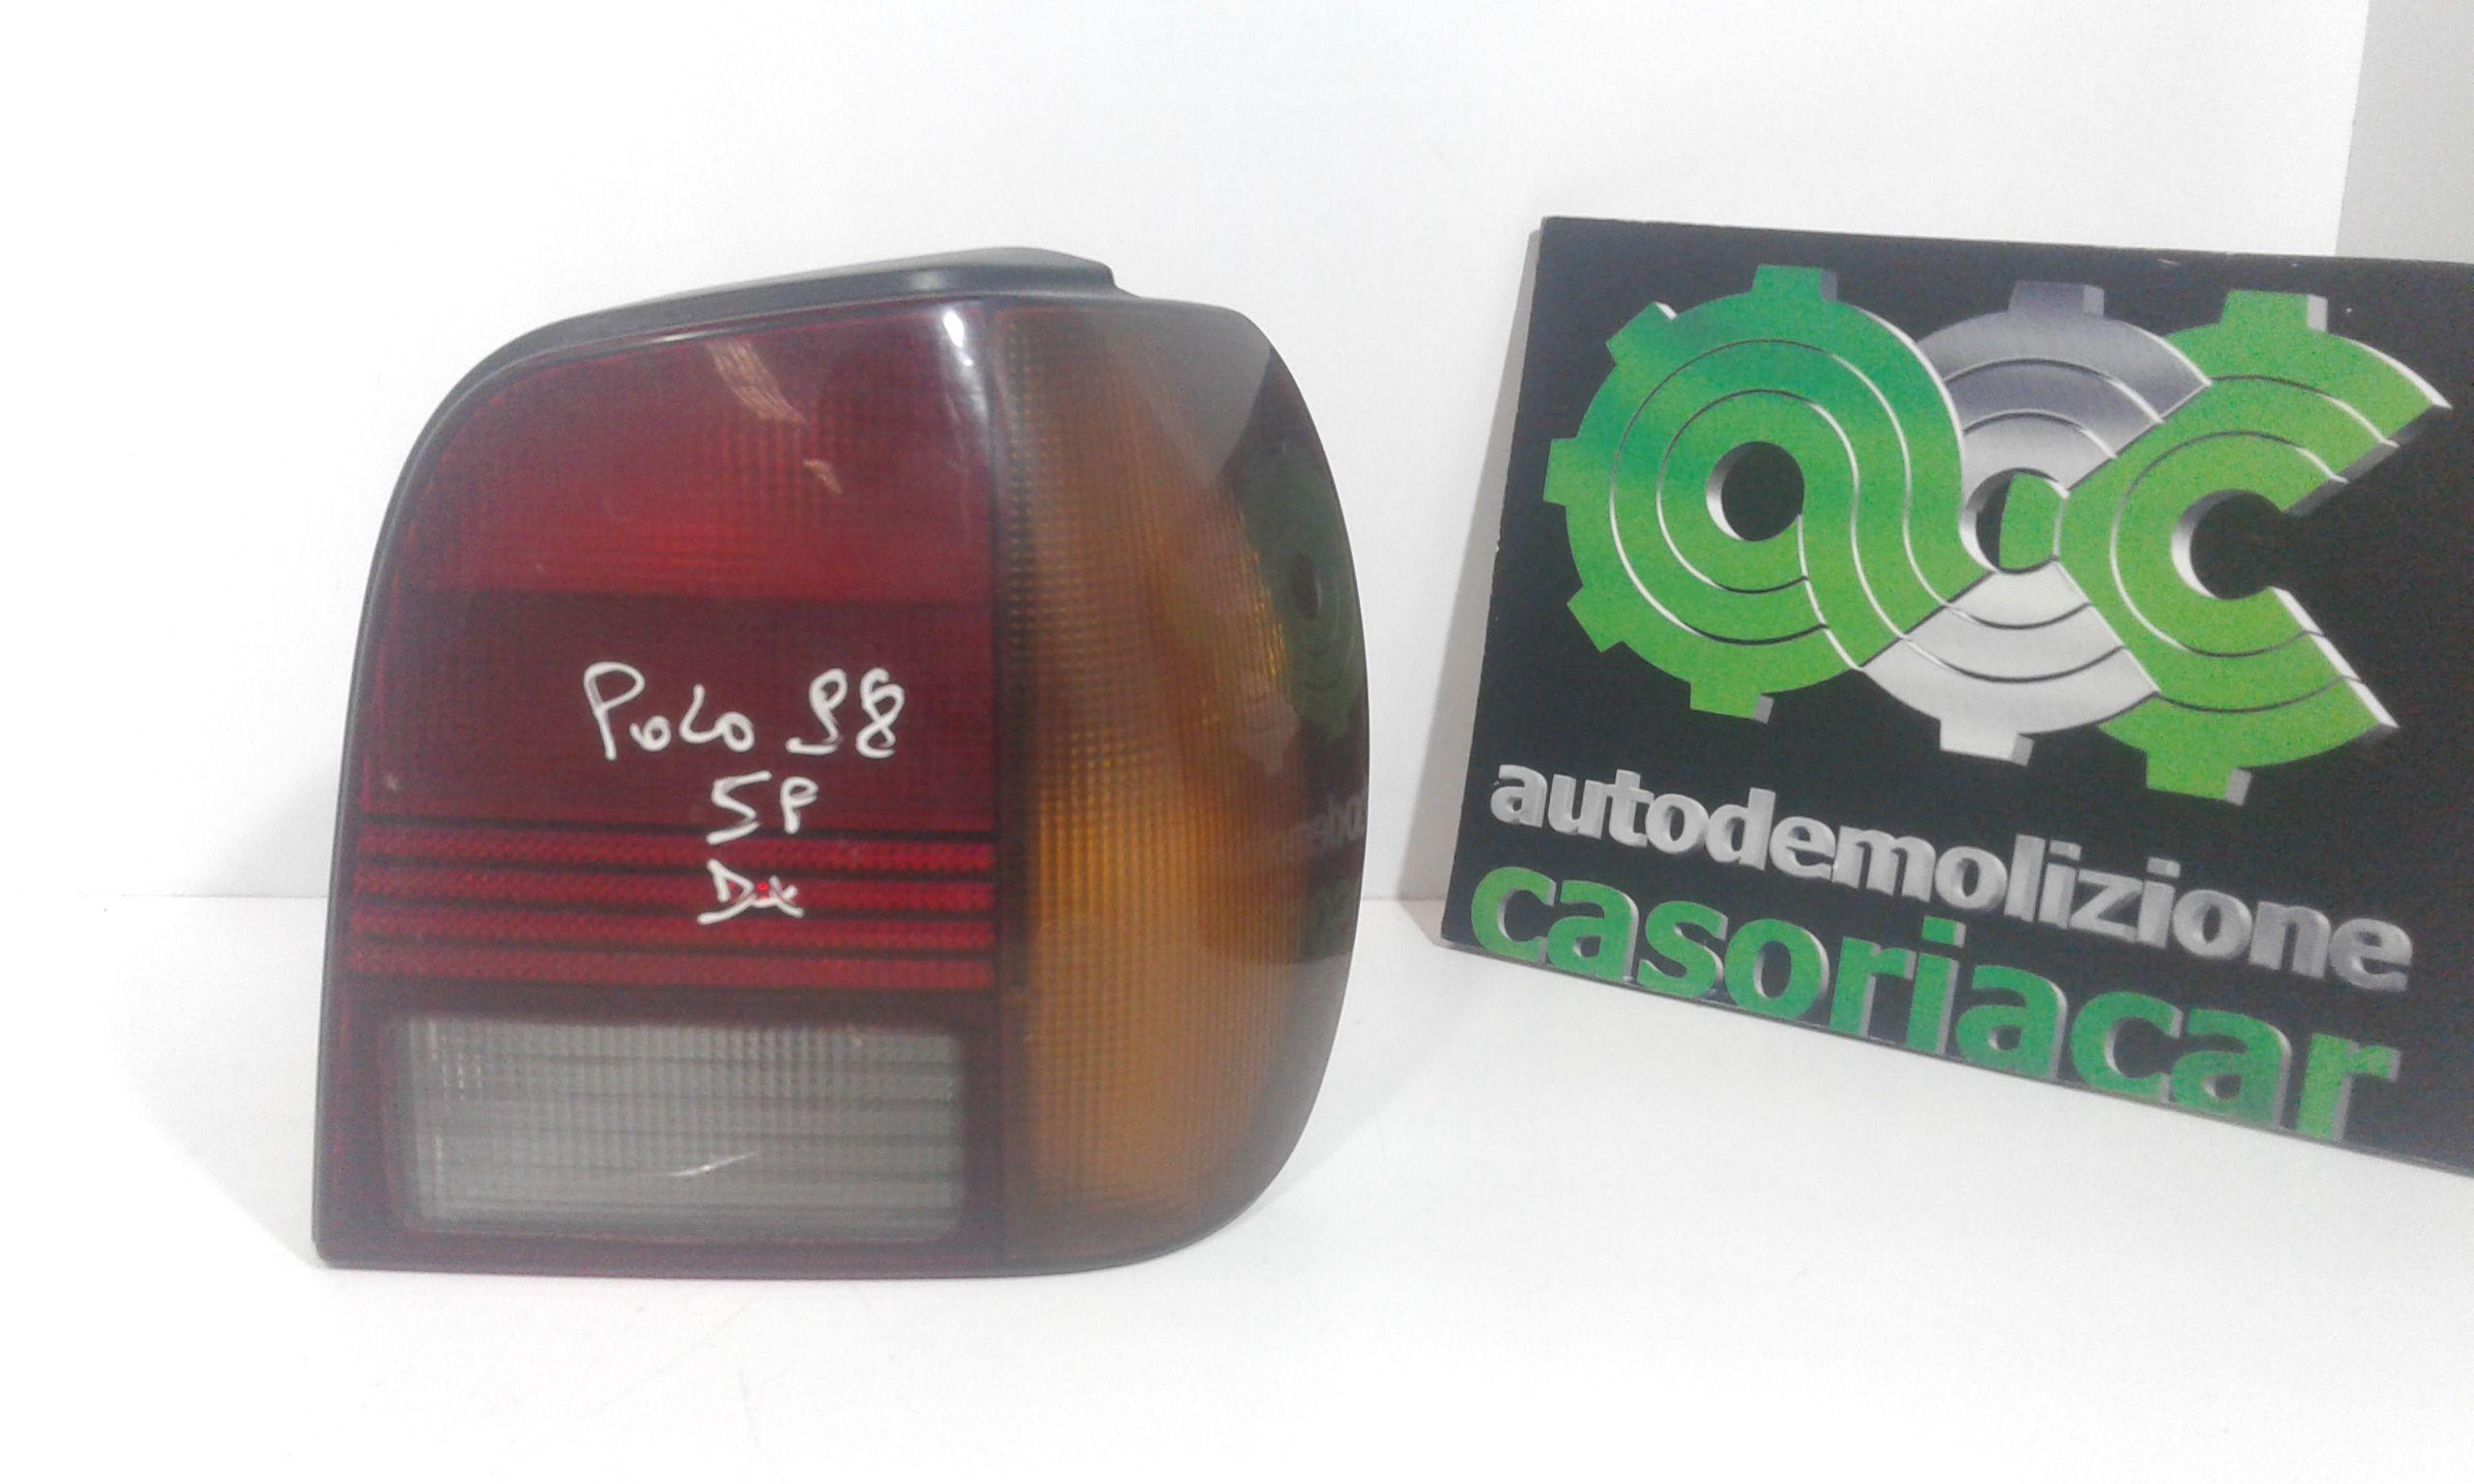 STOP FANALE POSTERIORE DESTRO PASSEGGERO VOLKSWAGEN Polo 3° Serie Benzina  (1998) RICAMBI USATI